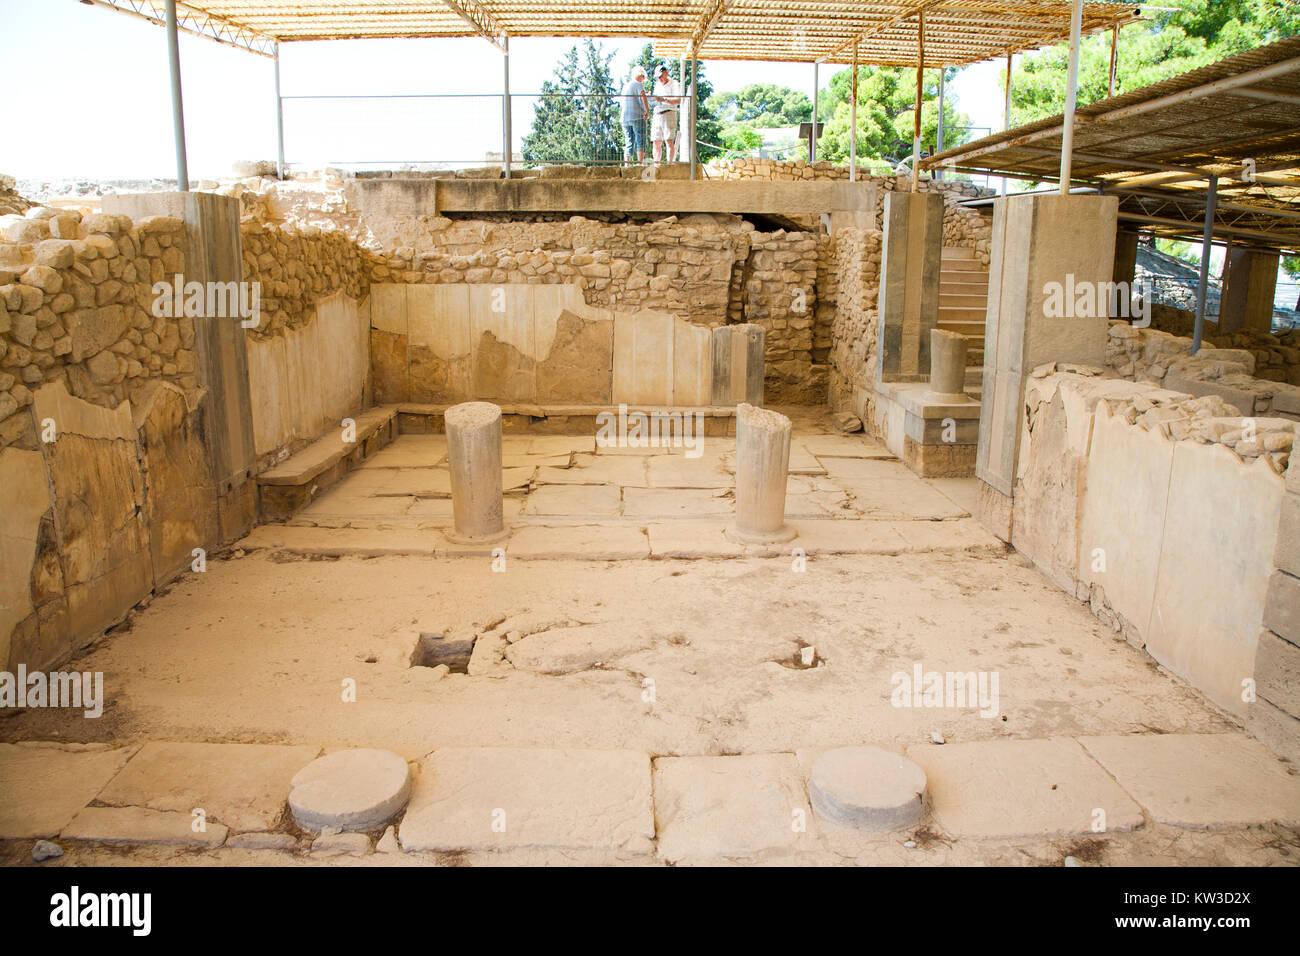 The queen megaron, royal apartments, Festos, archeological area, Crete island, Greece, Europe Stock Photo